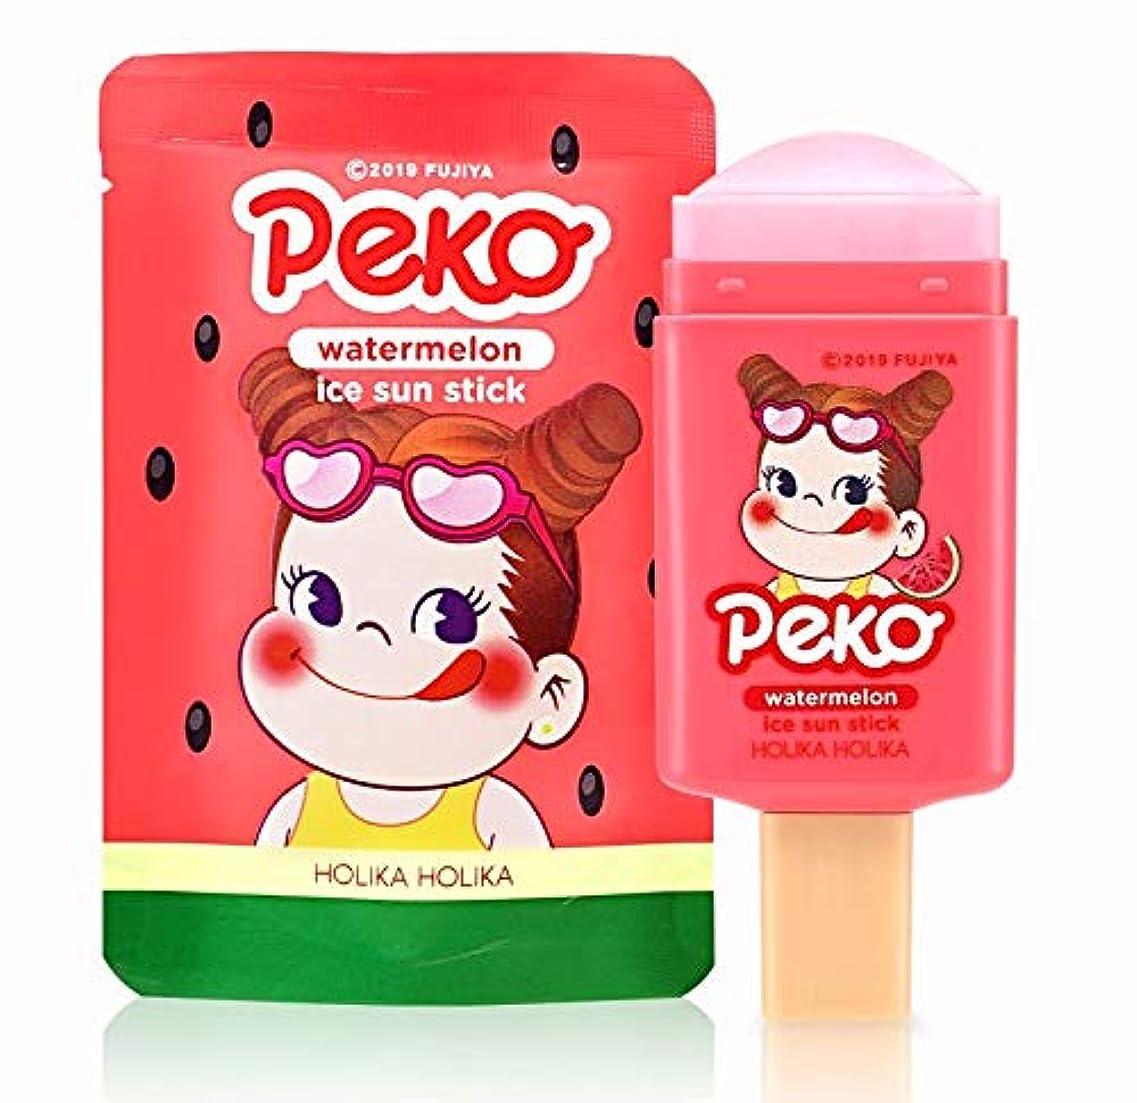 引用うなずくに渡ってホリカホリカ [スイートペコエディション] スイカ アイス サン スティック 14g / Holika Holika [Sweet Peko Edition] Watermellon Ice Sun Stick SPF50+ PA++++ [並行輸入品]